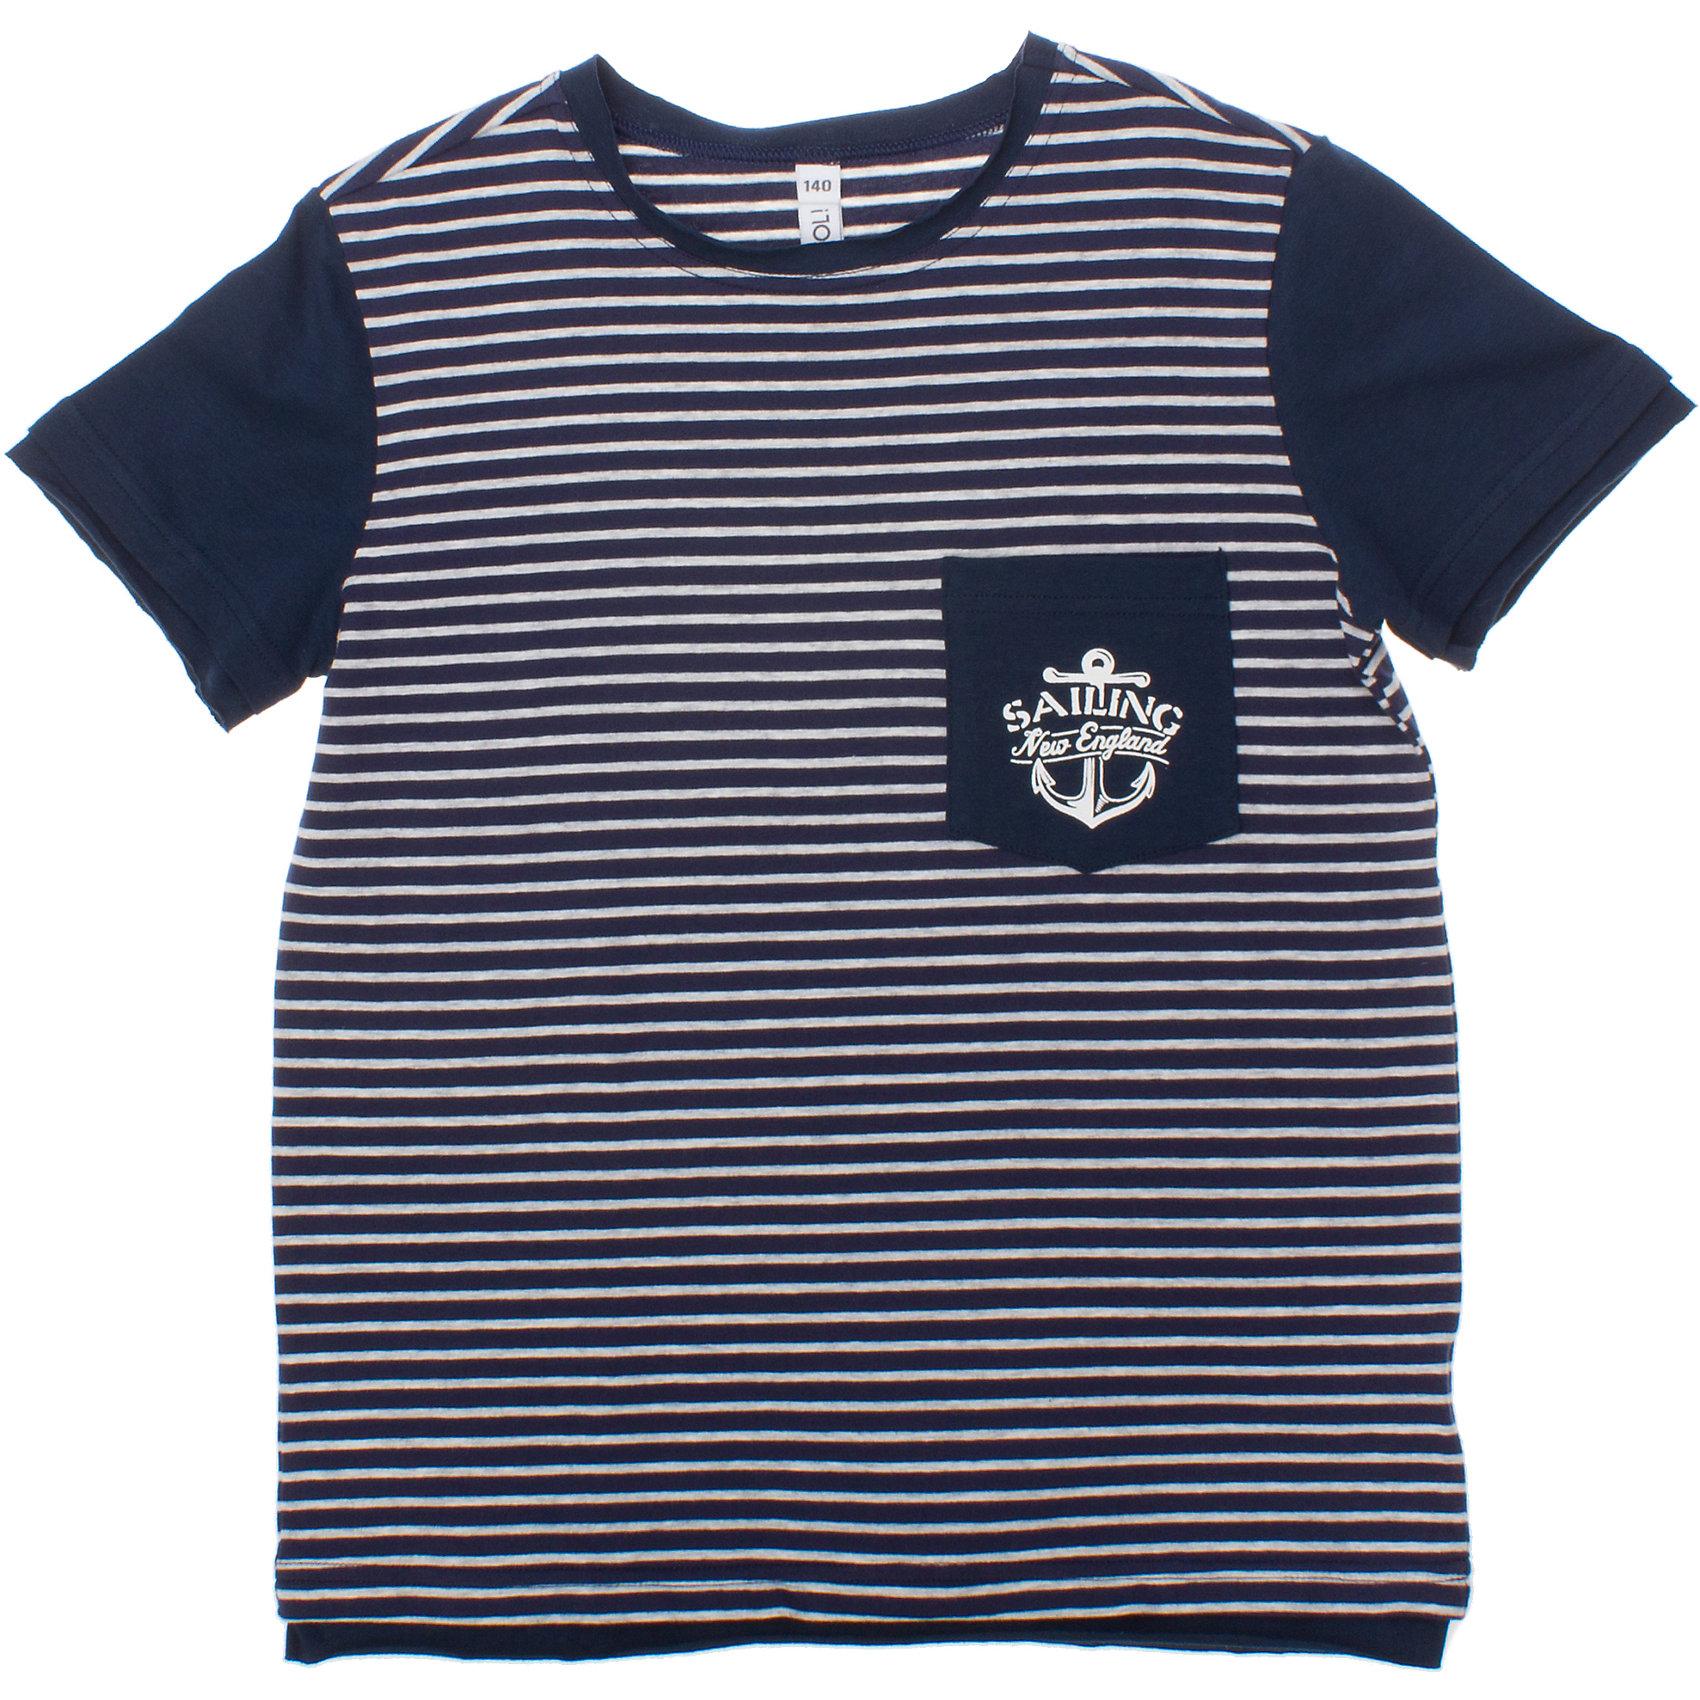 Футболка для мальчика S'CoolФутболка для мальчика S'Cool <br><br>Состав: 95% хлопок, 5% эластан <br><br>Темно-синяя футболка в белую полоску. <br>Классическая морская тематика. <br>Карман на полочке. <br>Ткань из органического хлопка с добавлением 5% эластана.<br><br>Ширина мм: 199<br>Глубина мм: 10<br>Высота мм: 161<br>Вес г: 151<br>Цвет: разноцветный<br>Возраст от месяцев: 132<br>Возраст до месяцев: 144<br>Пол: Мужской<br>Возраст: Детский<br>Размер: 164,134,140,152,158,146<br>SKU: 4502408